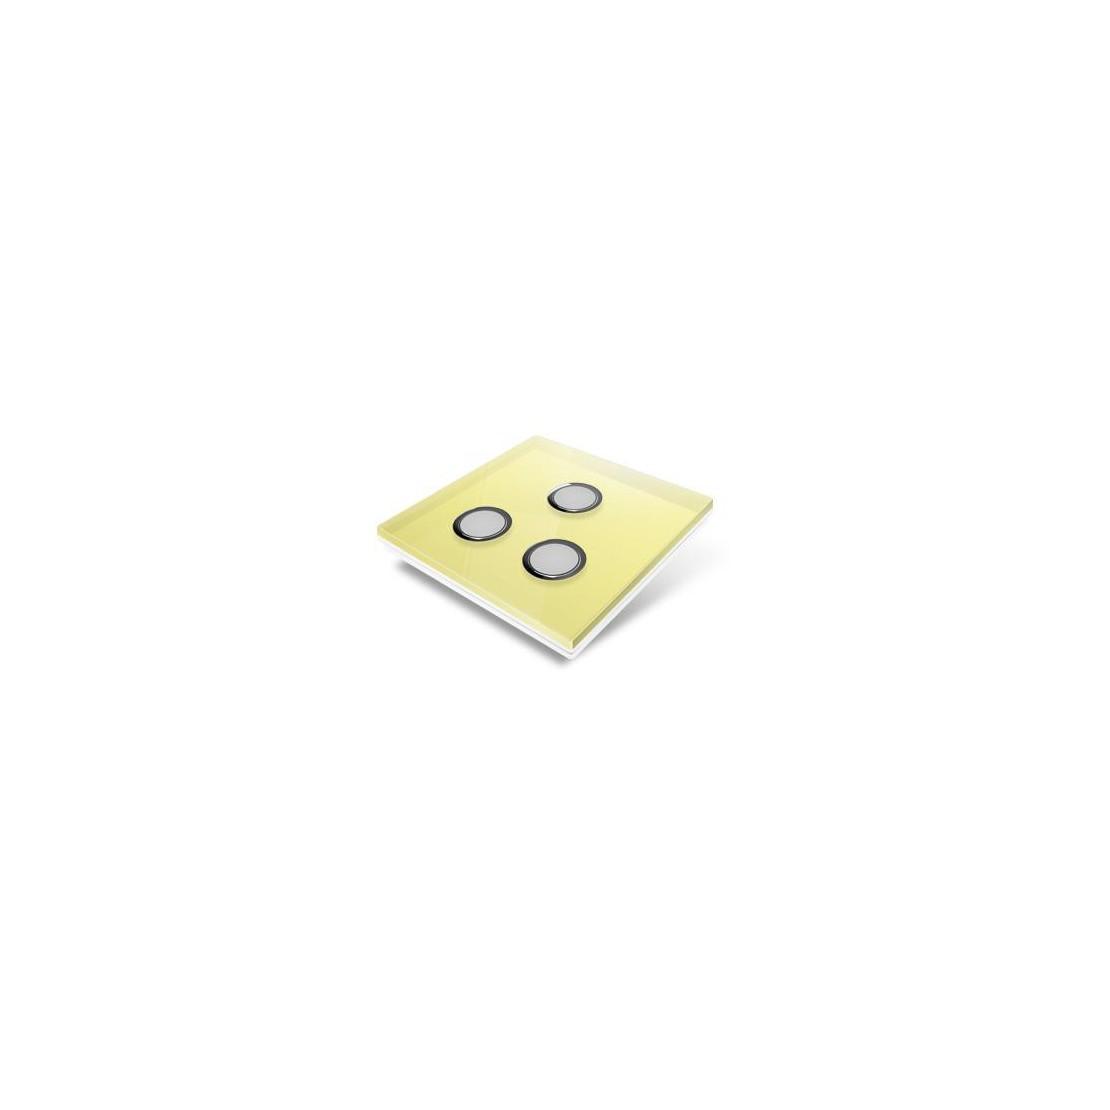 Tampa de cobertura para interruptor Edisio - cristal amarelo